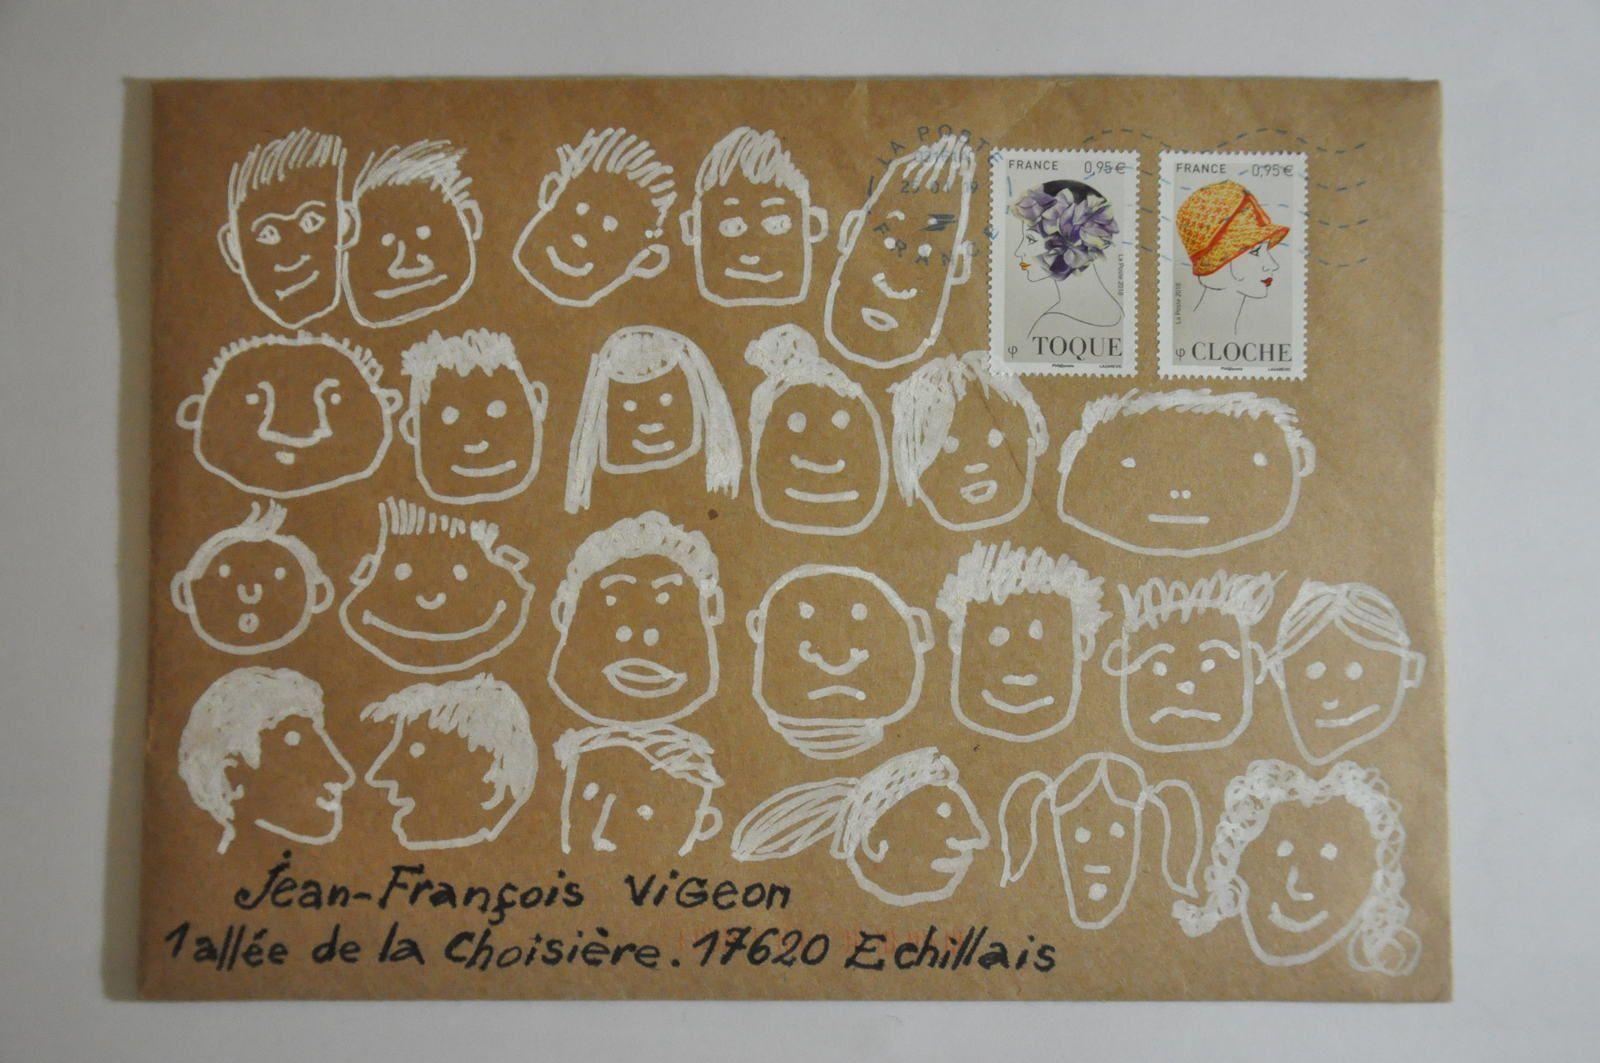 Merci à Philippe Charron qui me lance le défi de recomposer une fresque avec les 18 ATC qu'il m'a envoyés...